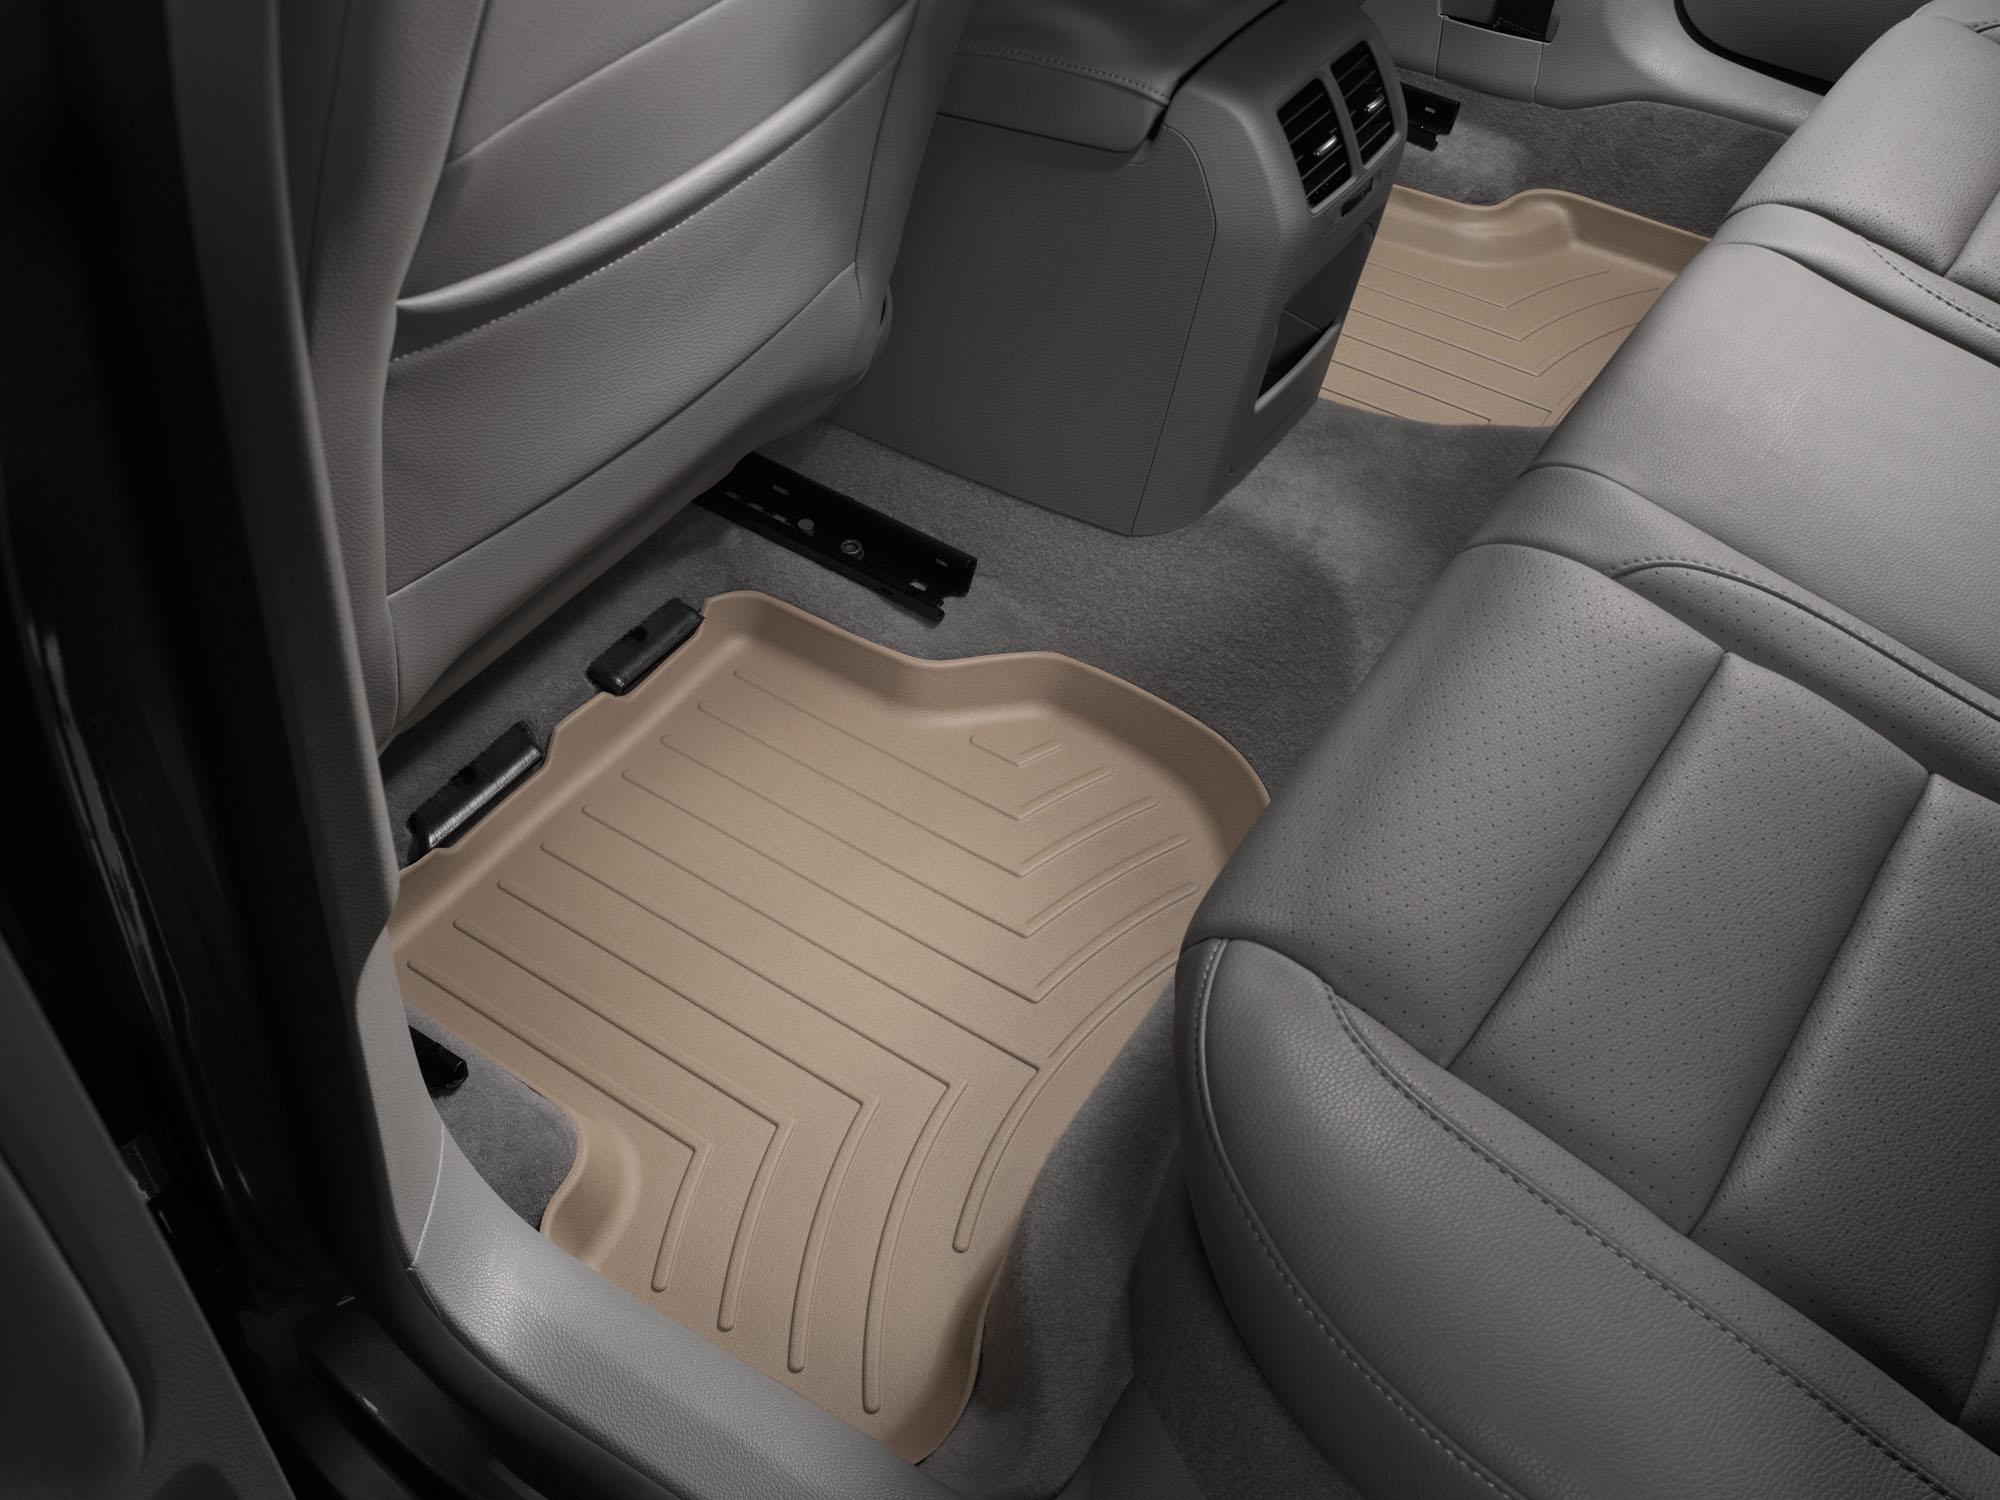 Tappeti gomma su misura bordo alto Volkswagen Golf 12>12 Marrone A4051*